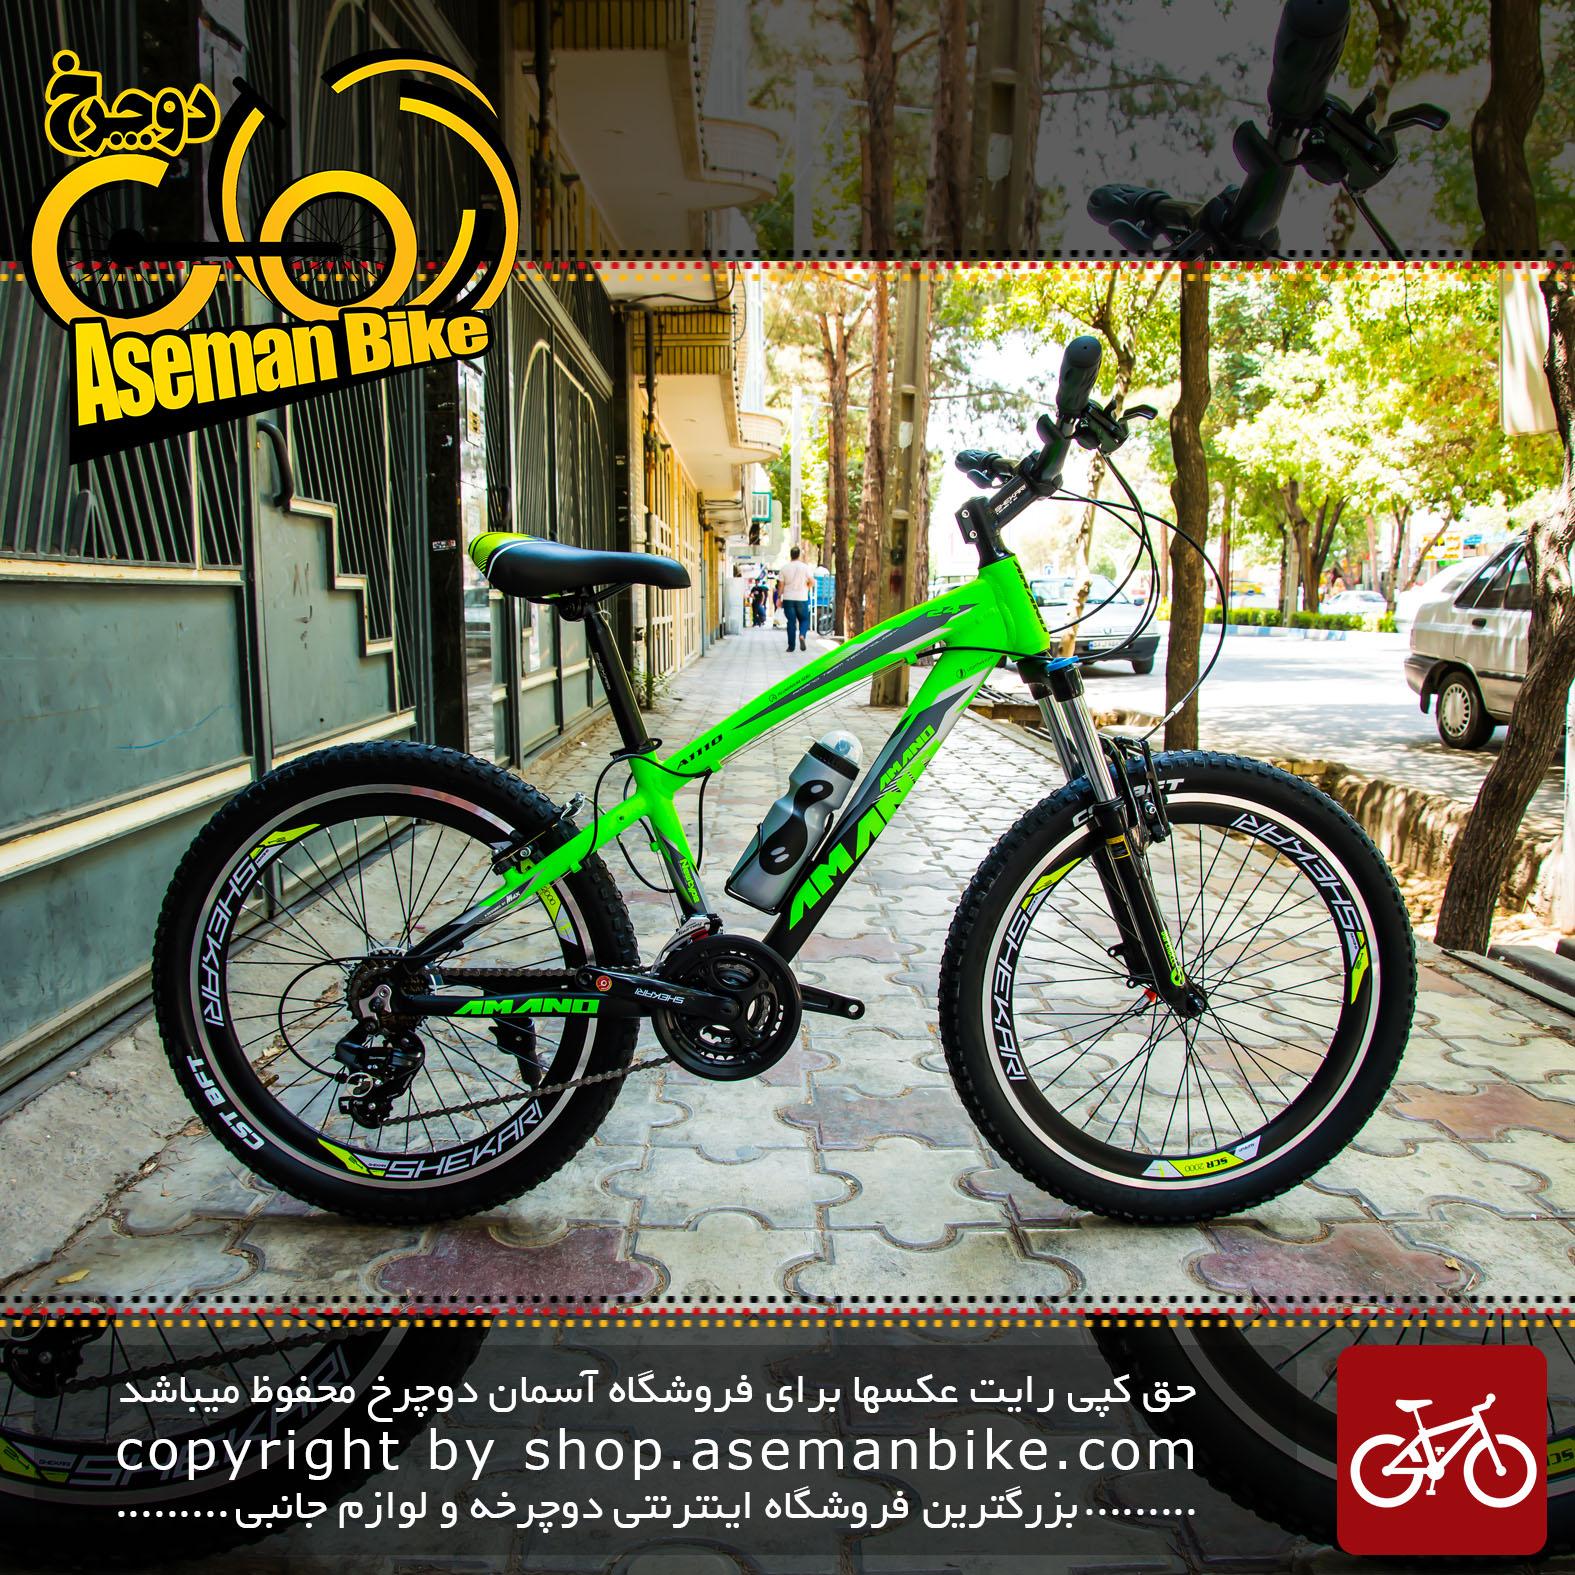 دوچرخه کوهستان شهری آمانو مدل ای 110 21 دنده شیمانو تورنی تی زد سایز 24 ساخت تایوان AMANO Mountain City Bicycle Taiwan A110 24 2019